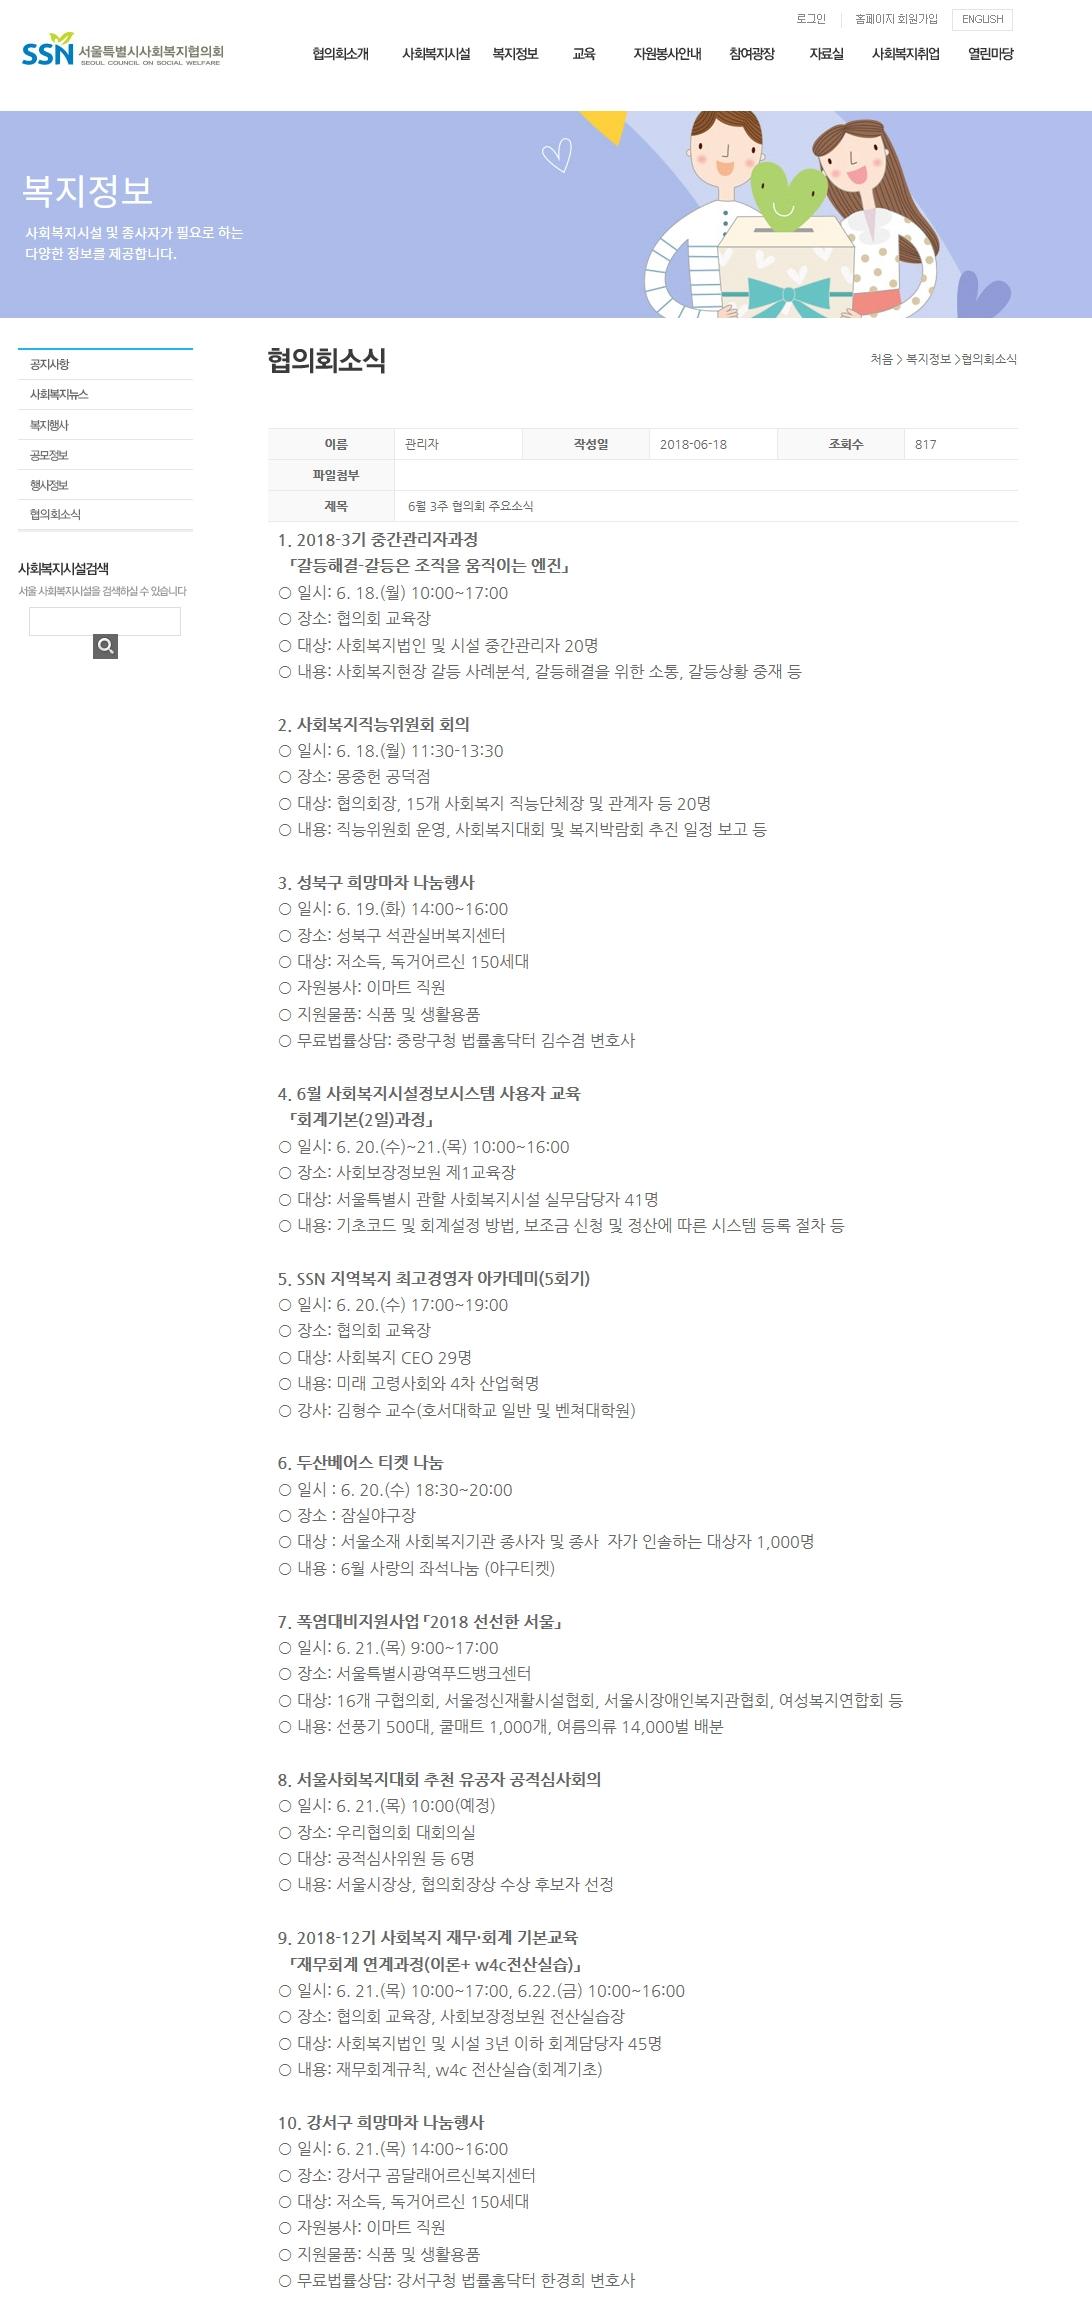 서울시사회복지협의회 희망마차 법률상담 2